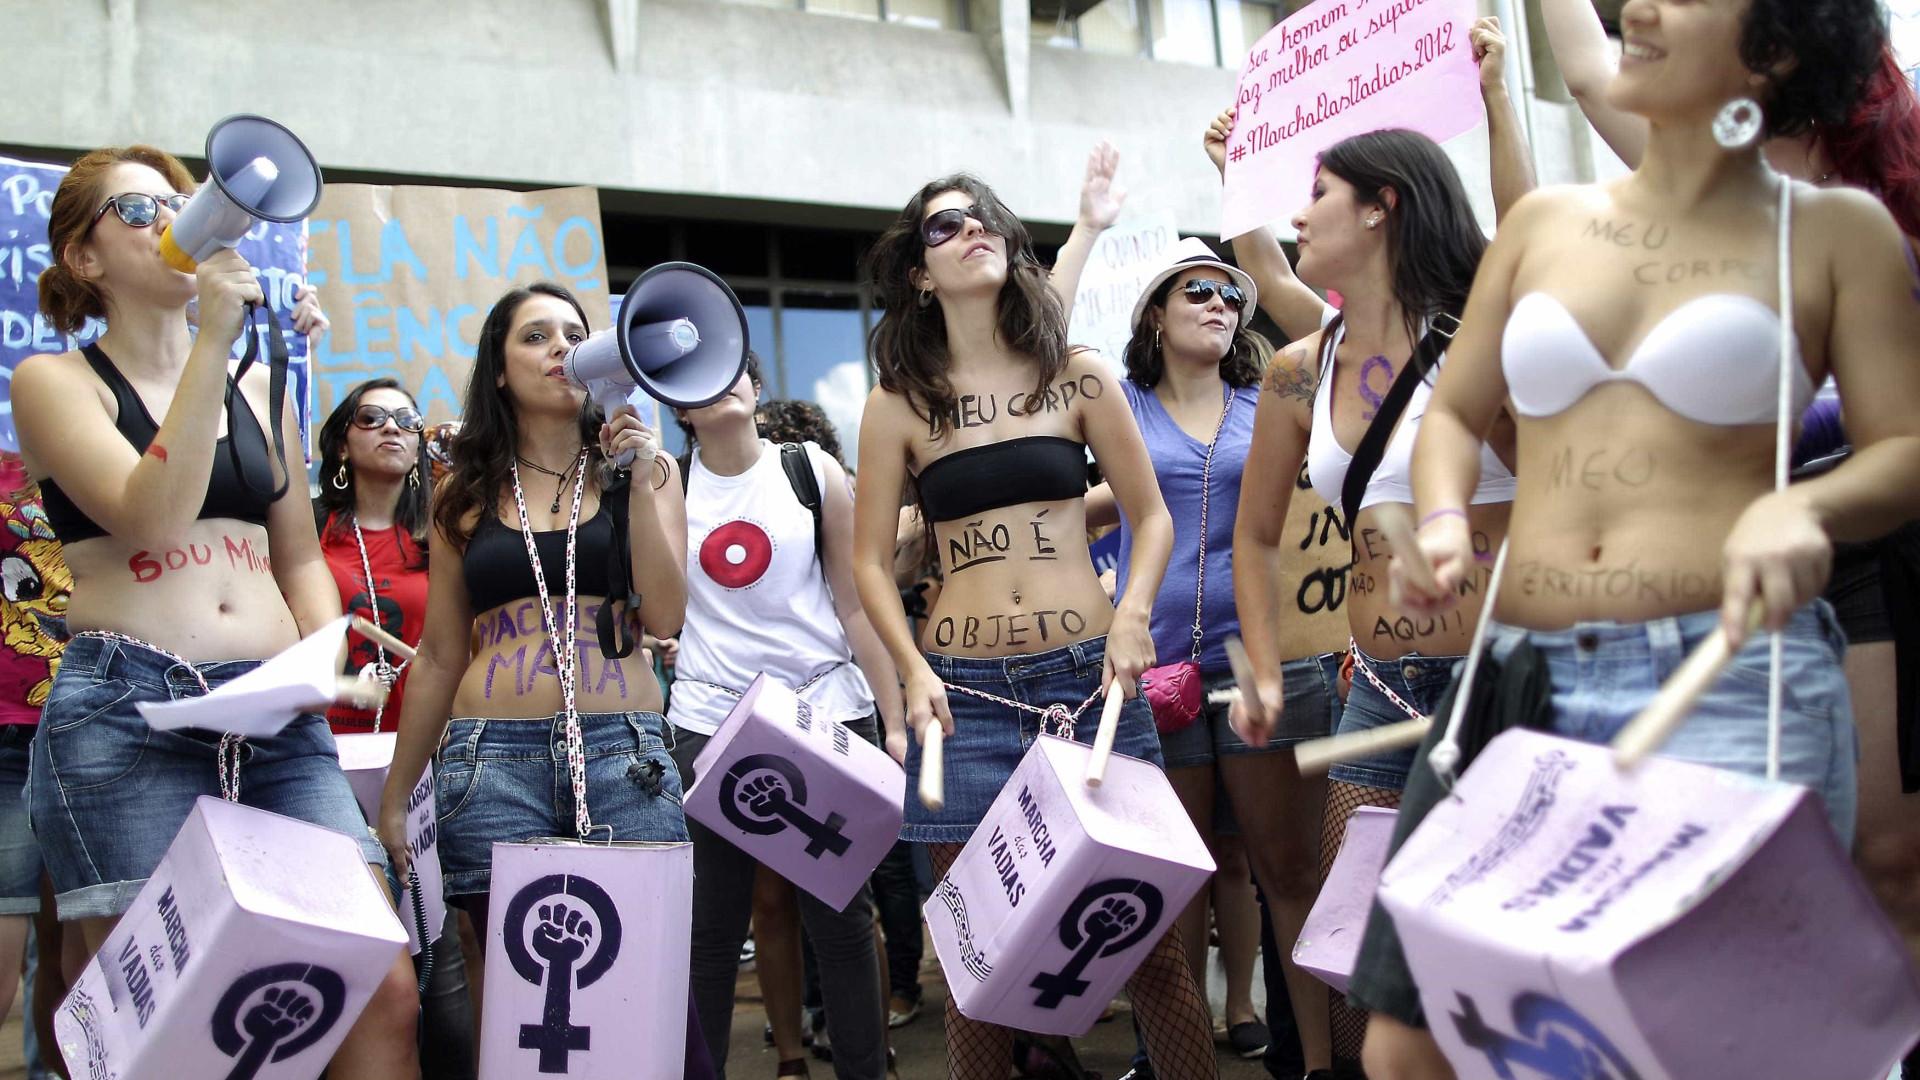 этом месяце бразильские проститутки вышли на улице стала говорить, что